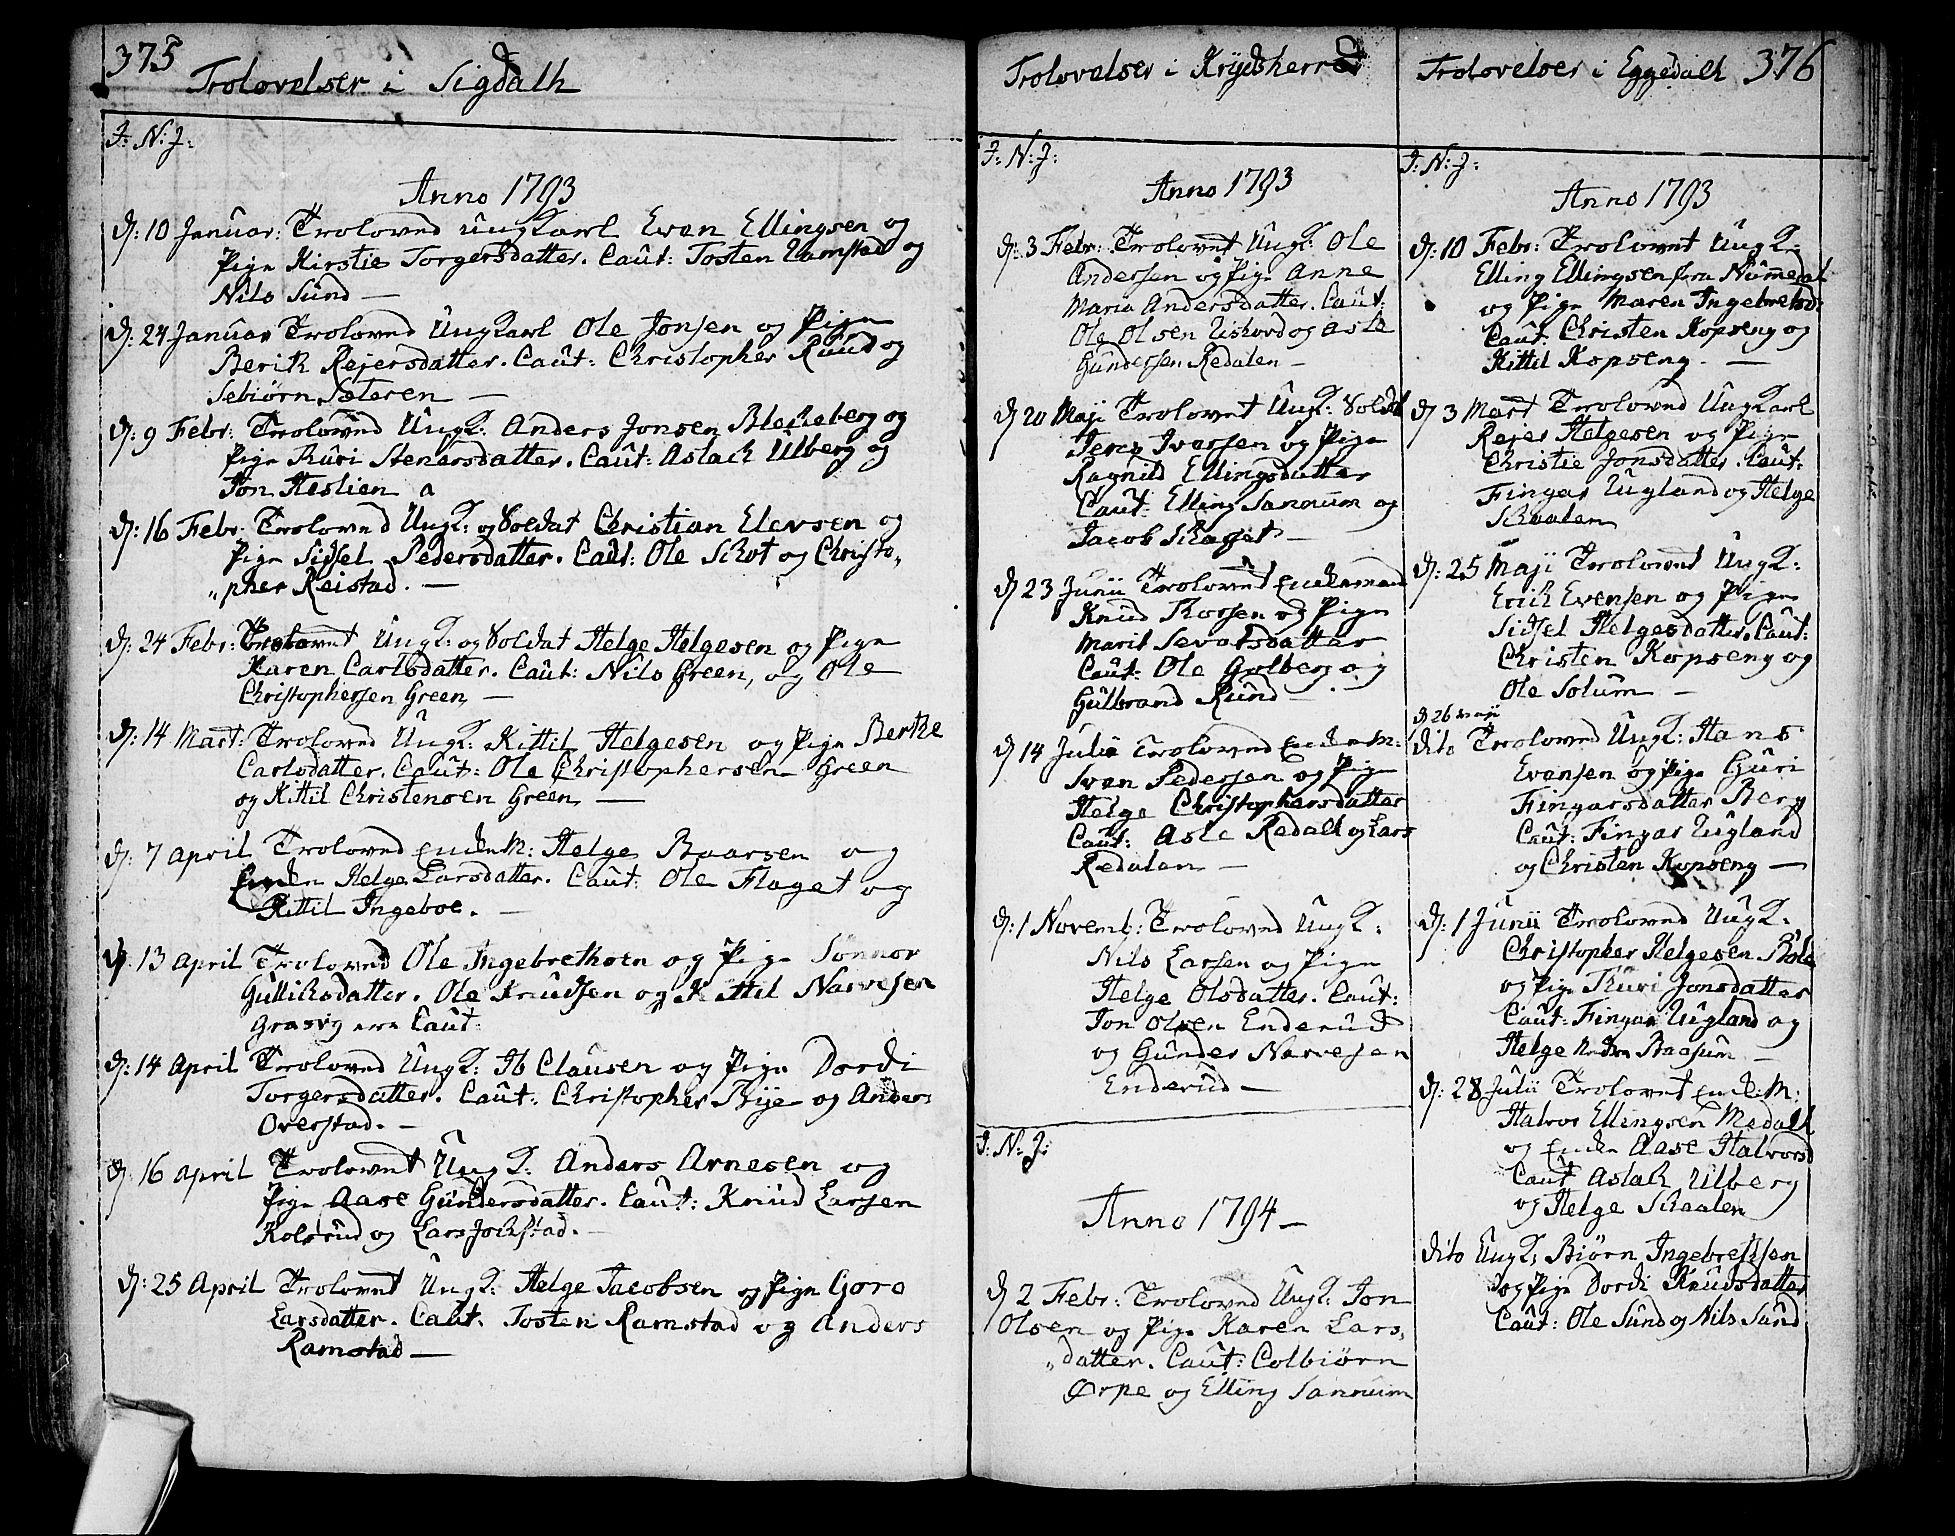 SAKO, Sigdal kirkebøker, F/Fa/L0003: Ministerialbok nr. I 3, 1793-1811, s. 375-376